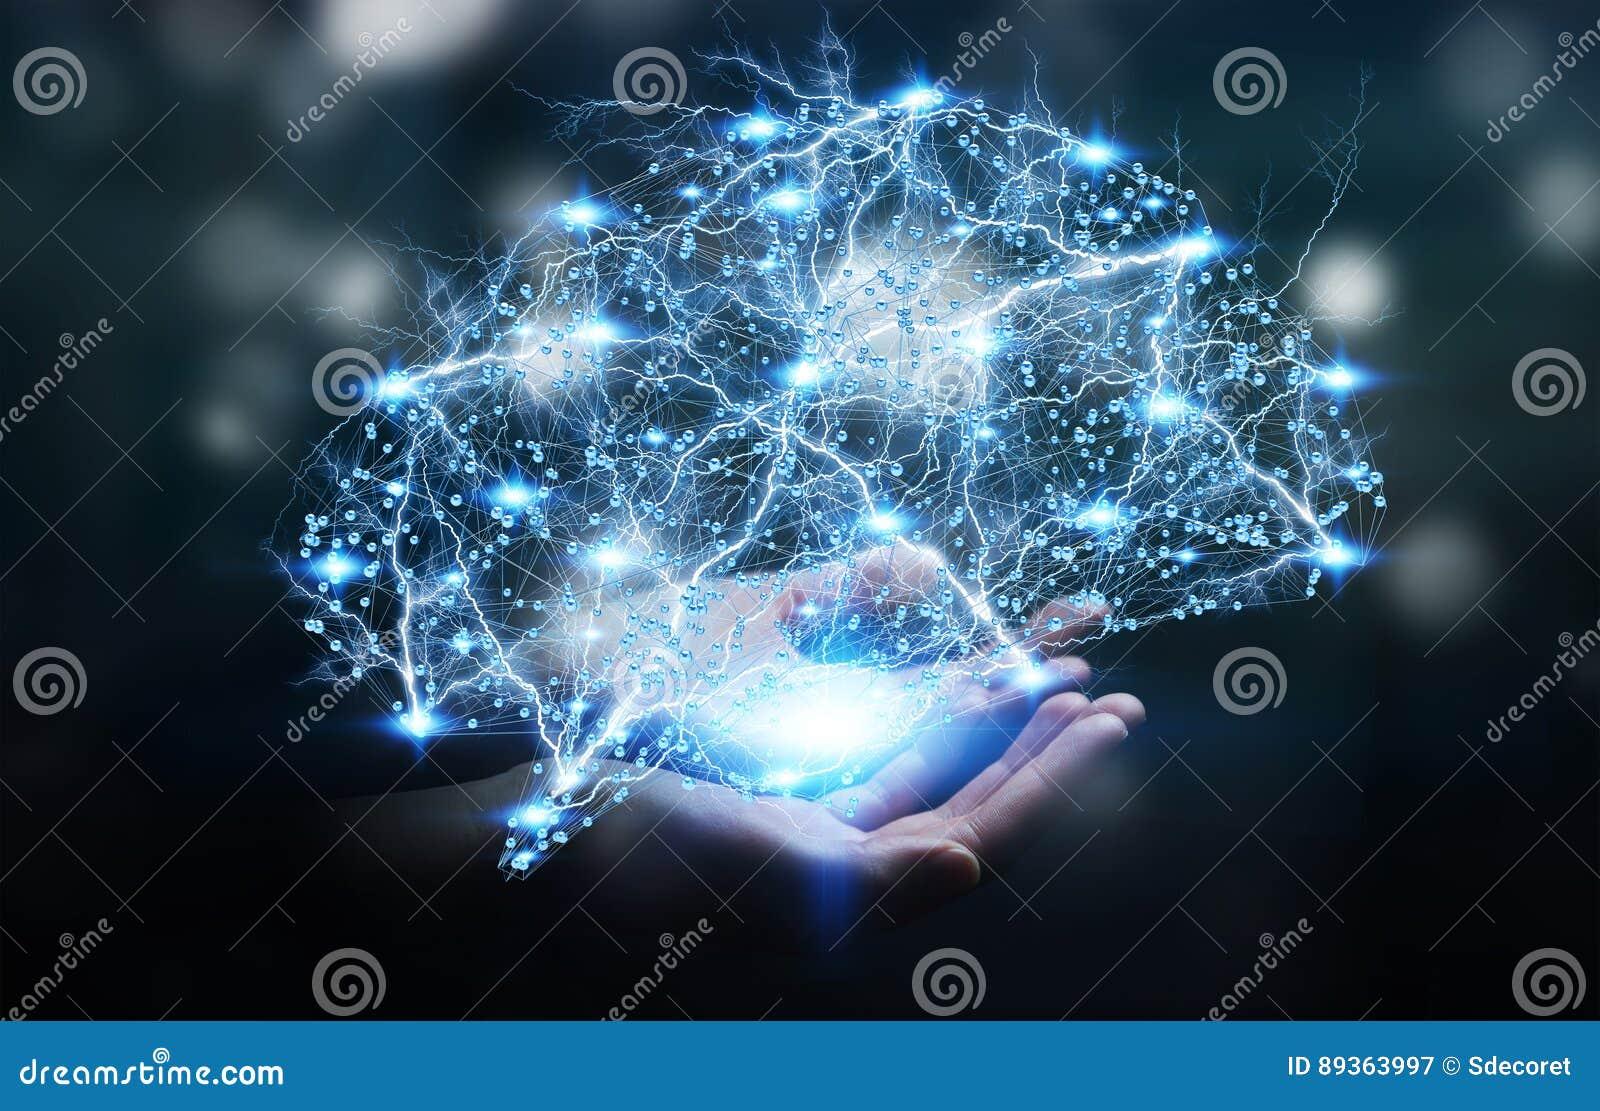 Mulher de negócios que guarda o cérebro humano do raio X digital em sua mão 3D r